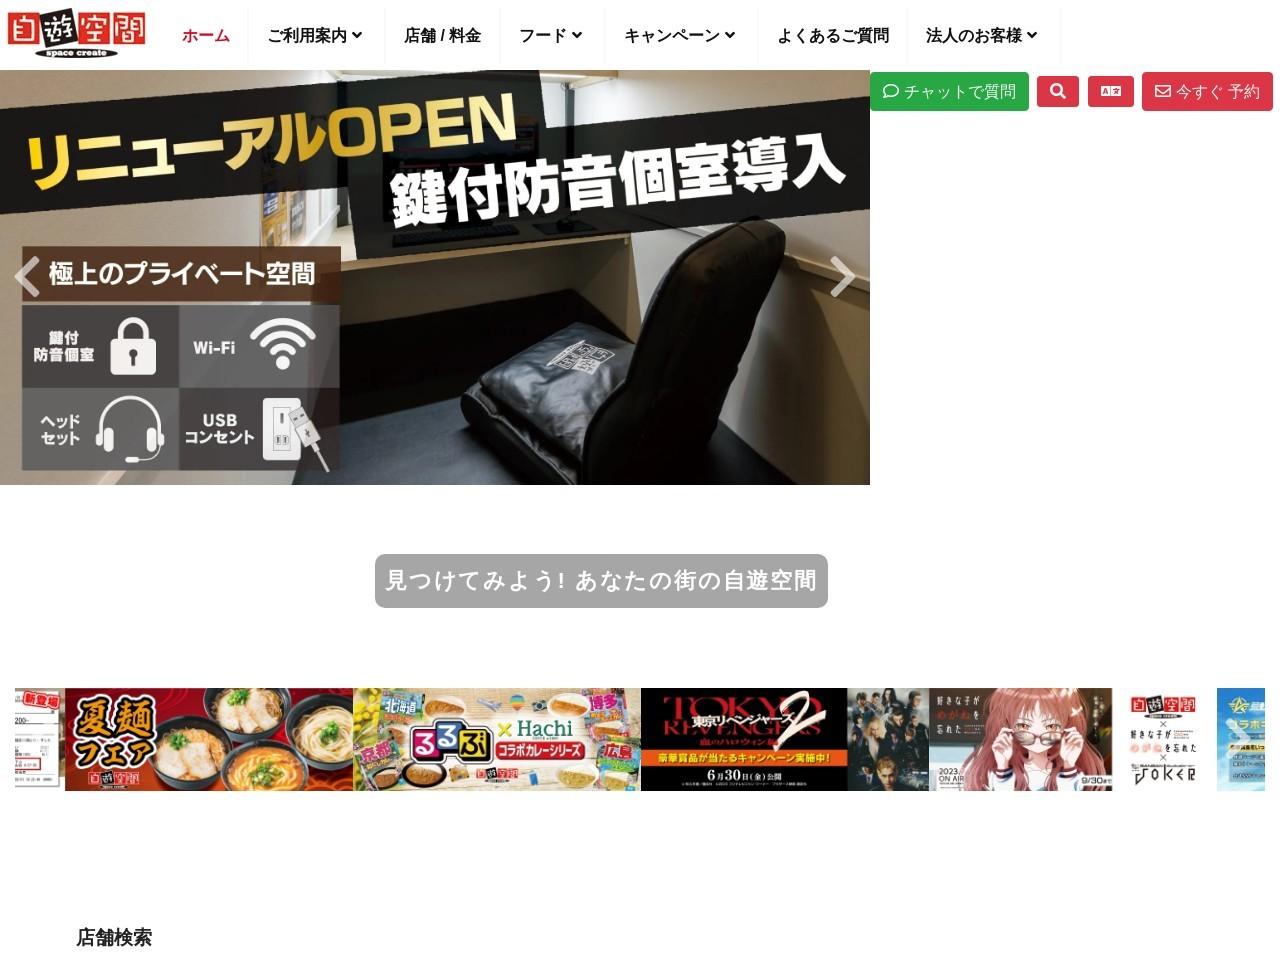 自遊空間広島海田店